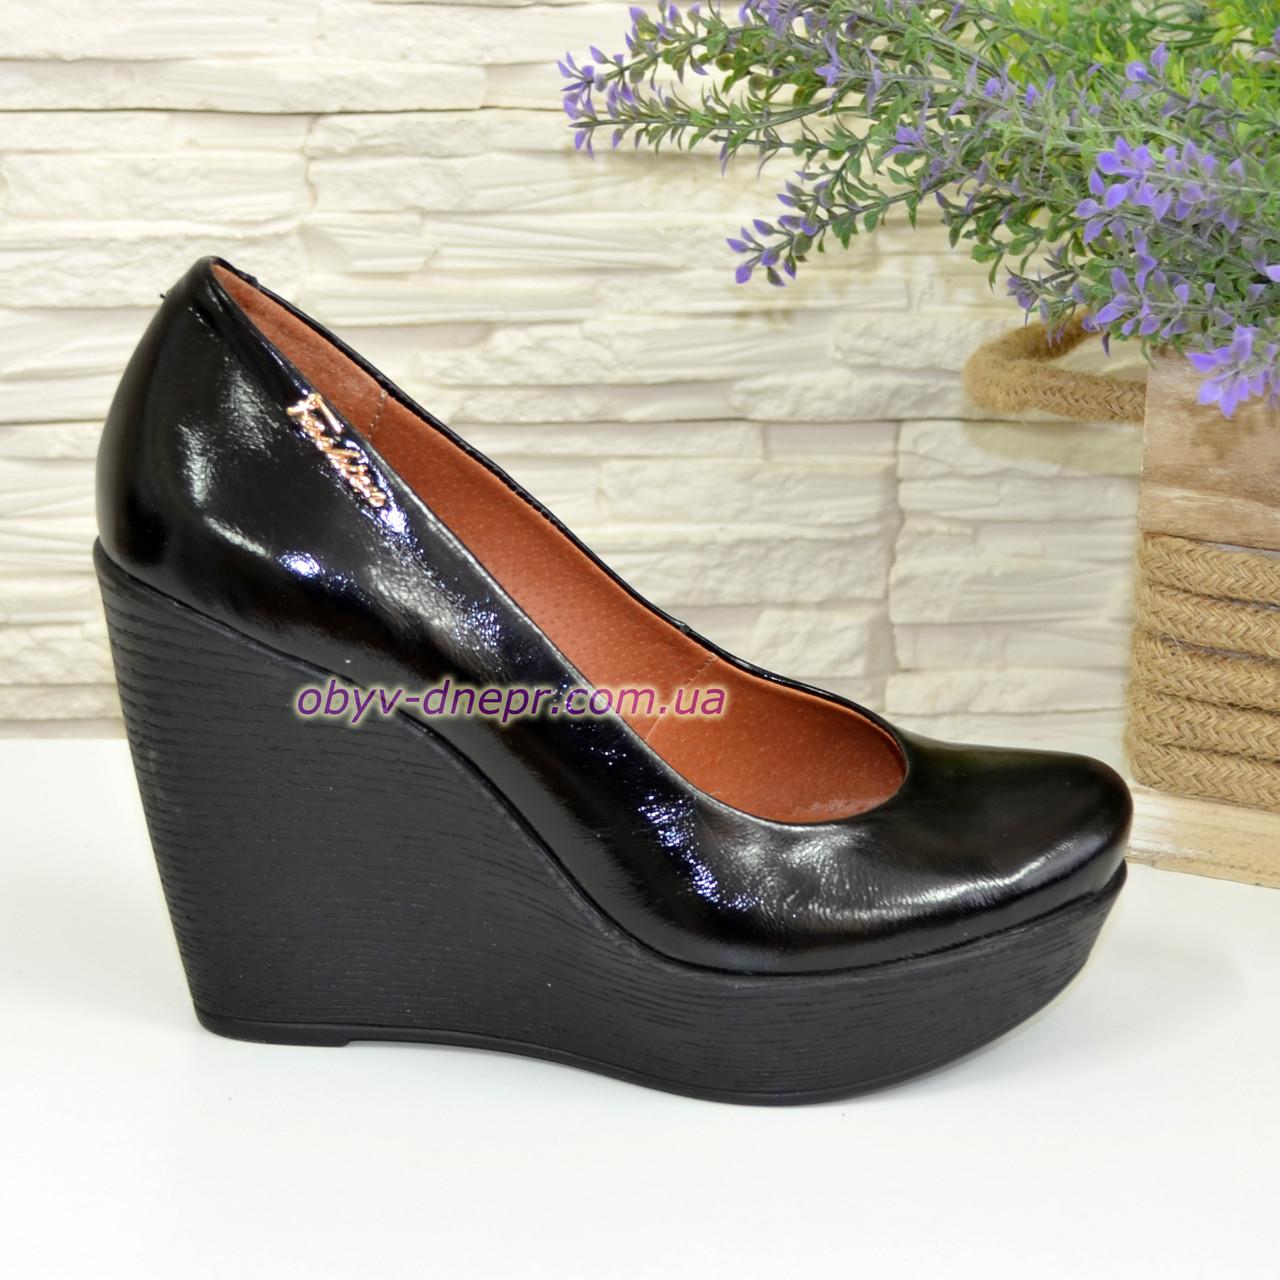 Лаковые женские туфли на устойчивой высокой платформе